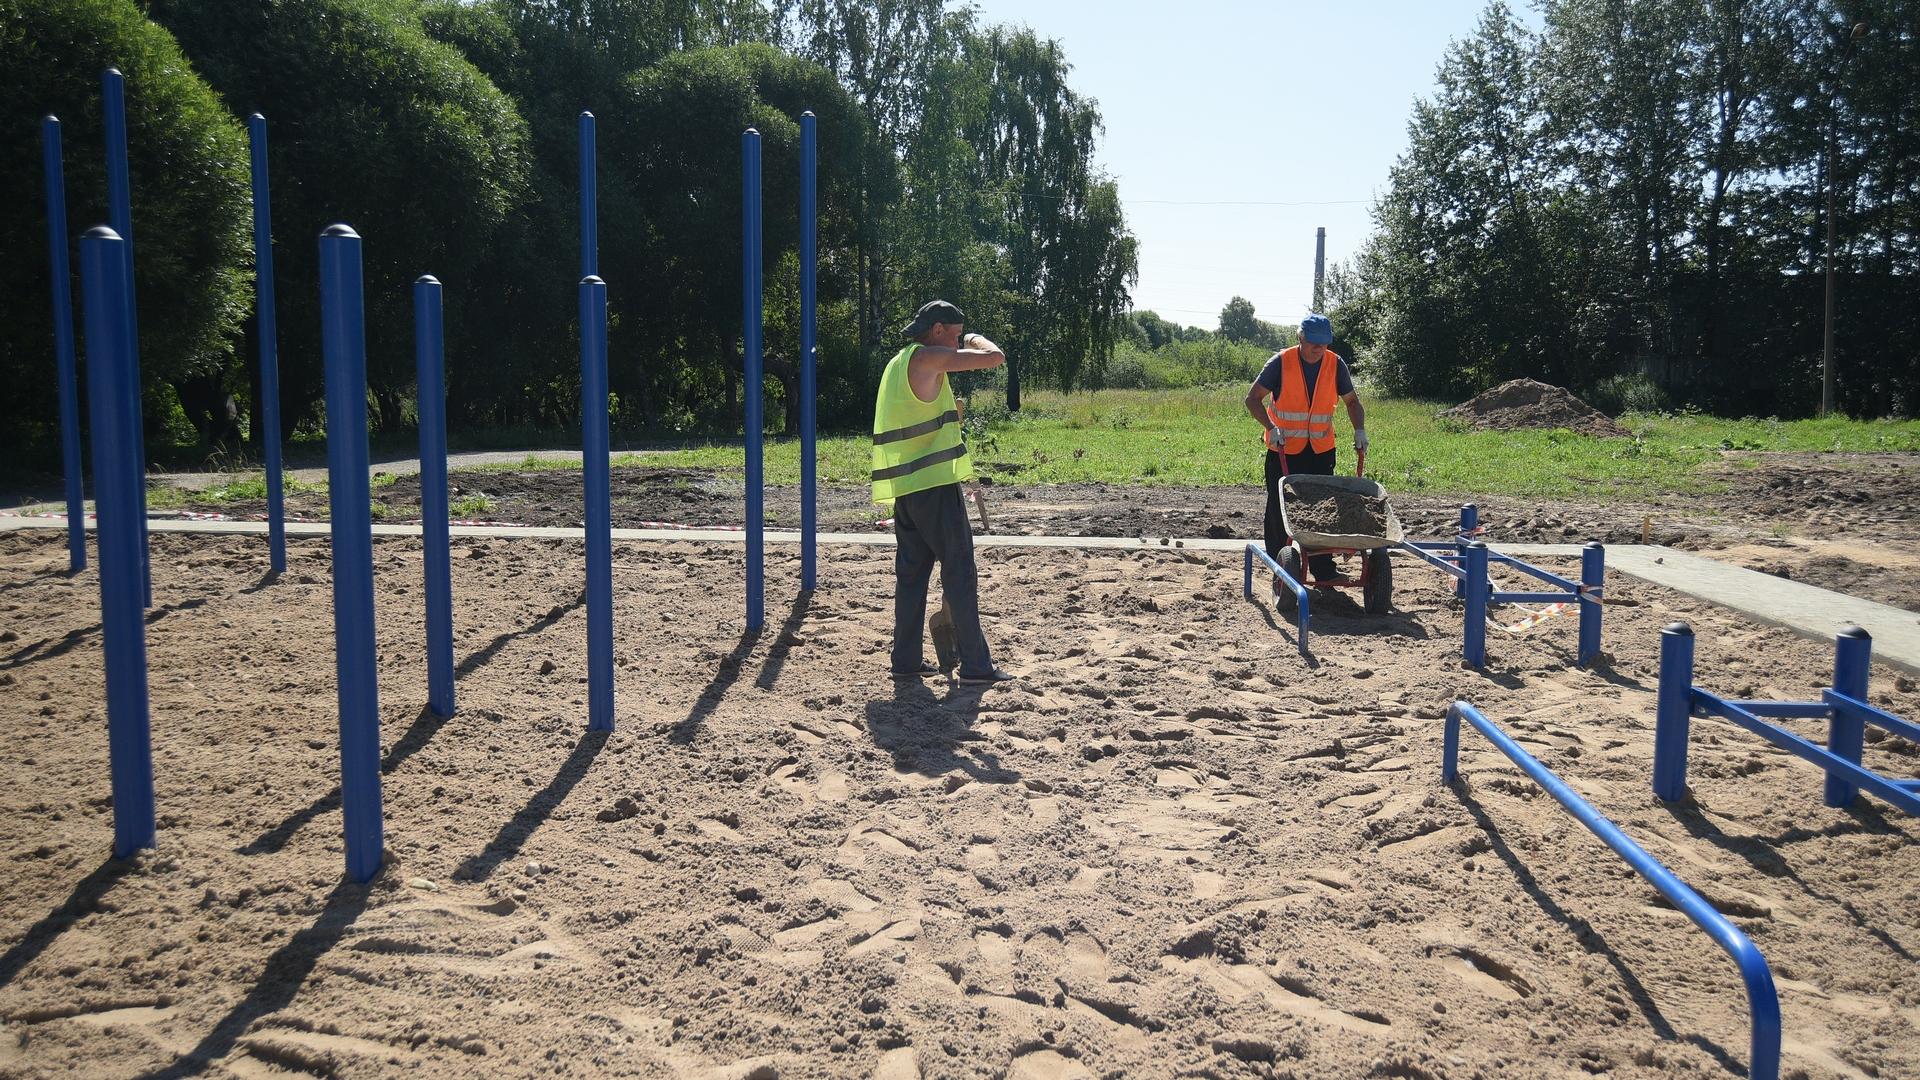 Рабочие устанавливают спортивные сооружения, предназначенные для норм ГТО